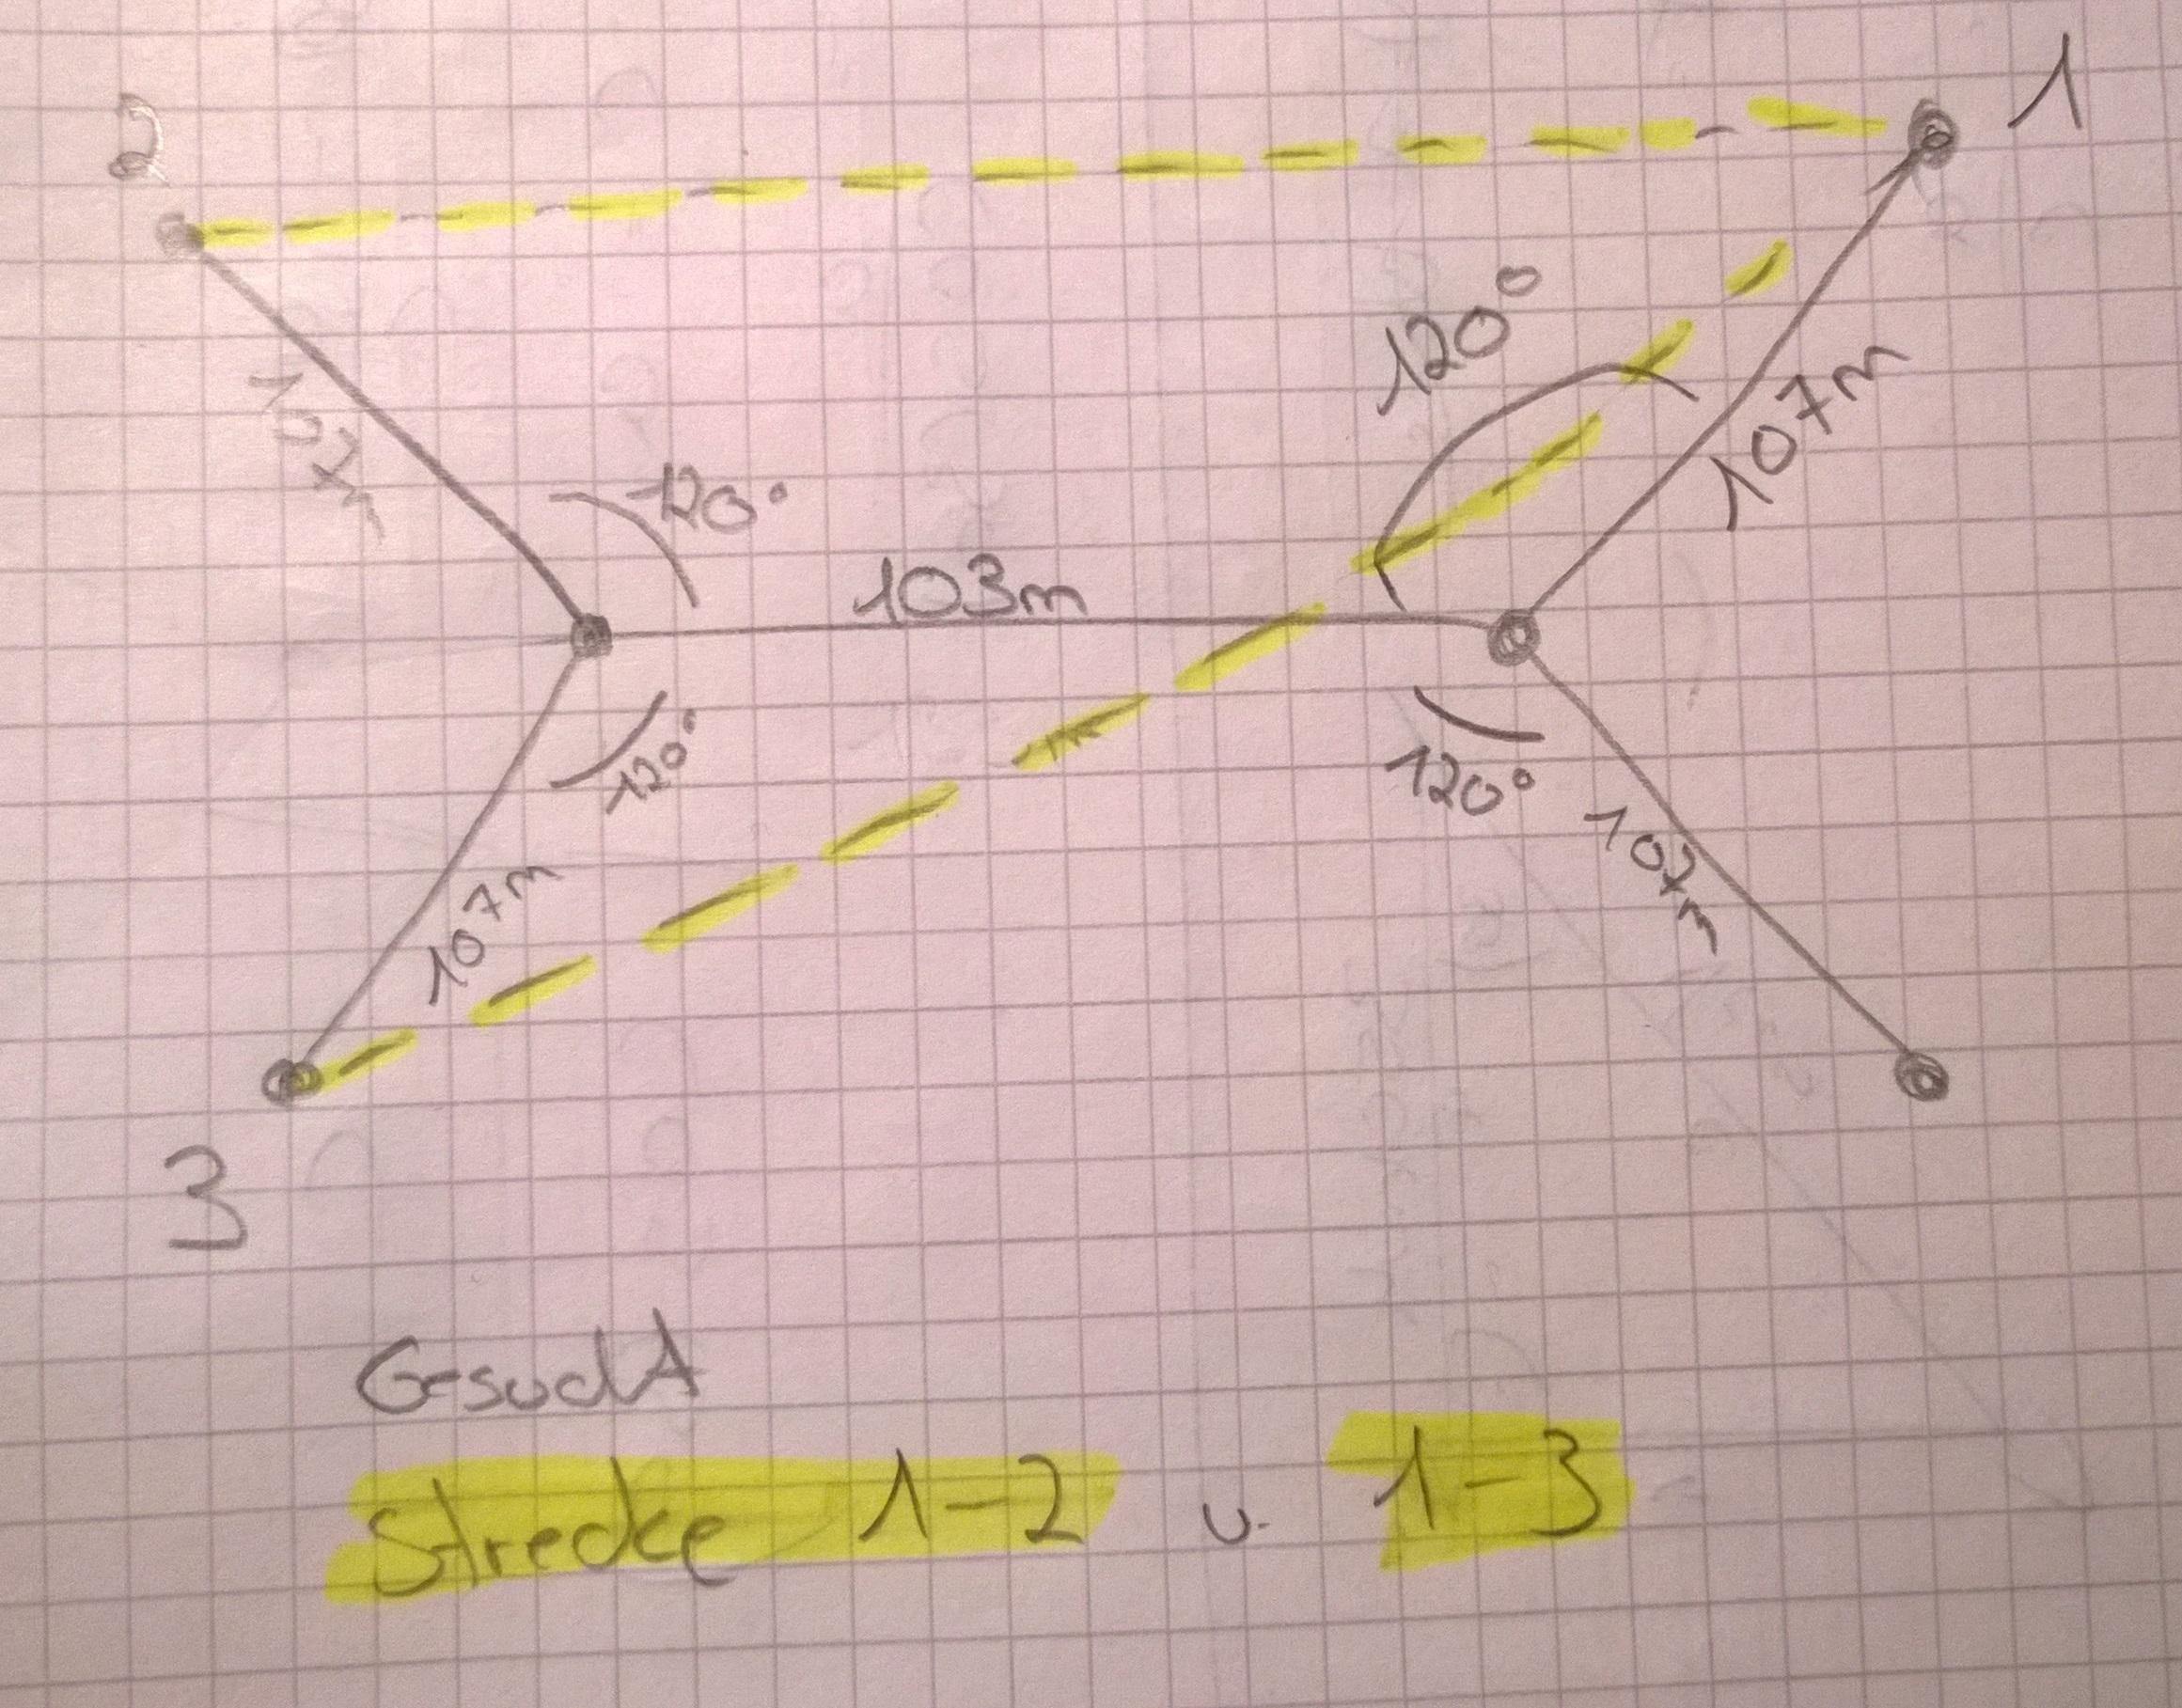 mathe aufgabe wie berechne ich folgende strecken mit sinus cosinus und tangens die aufgabe ist. Black Bedroom Furniture Sets. Home Design Ideas